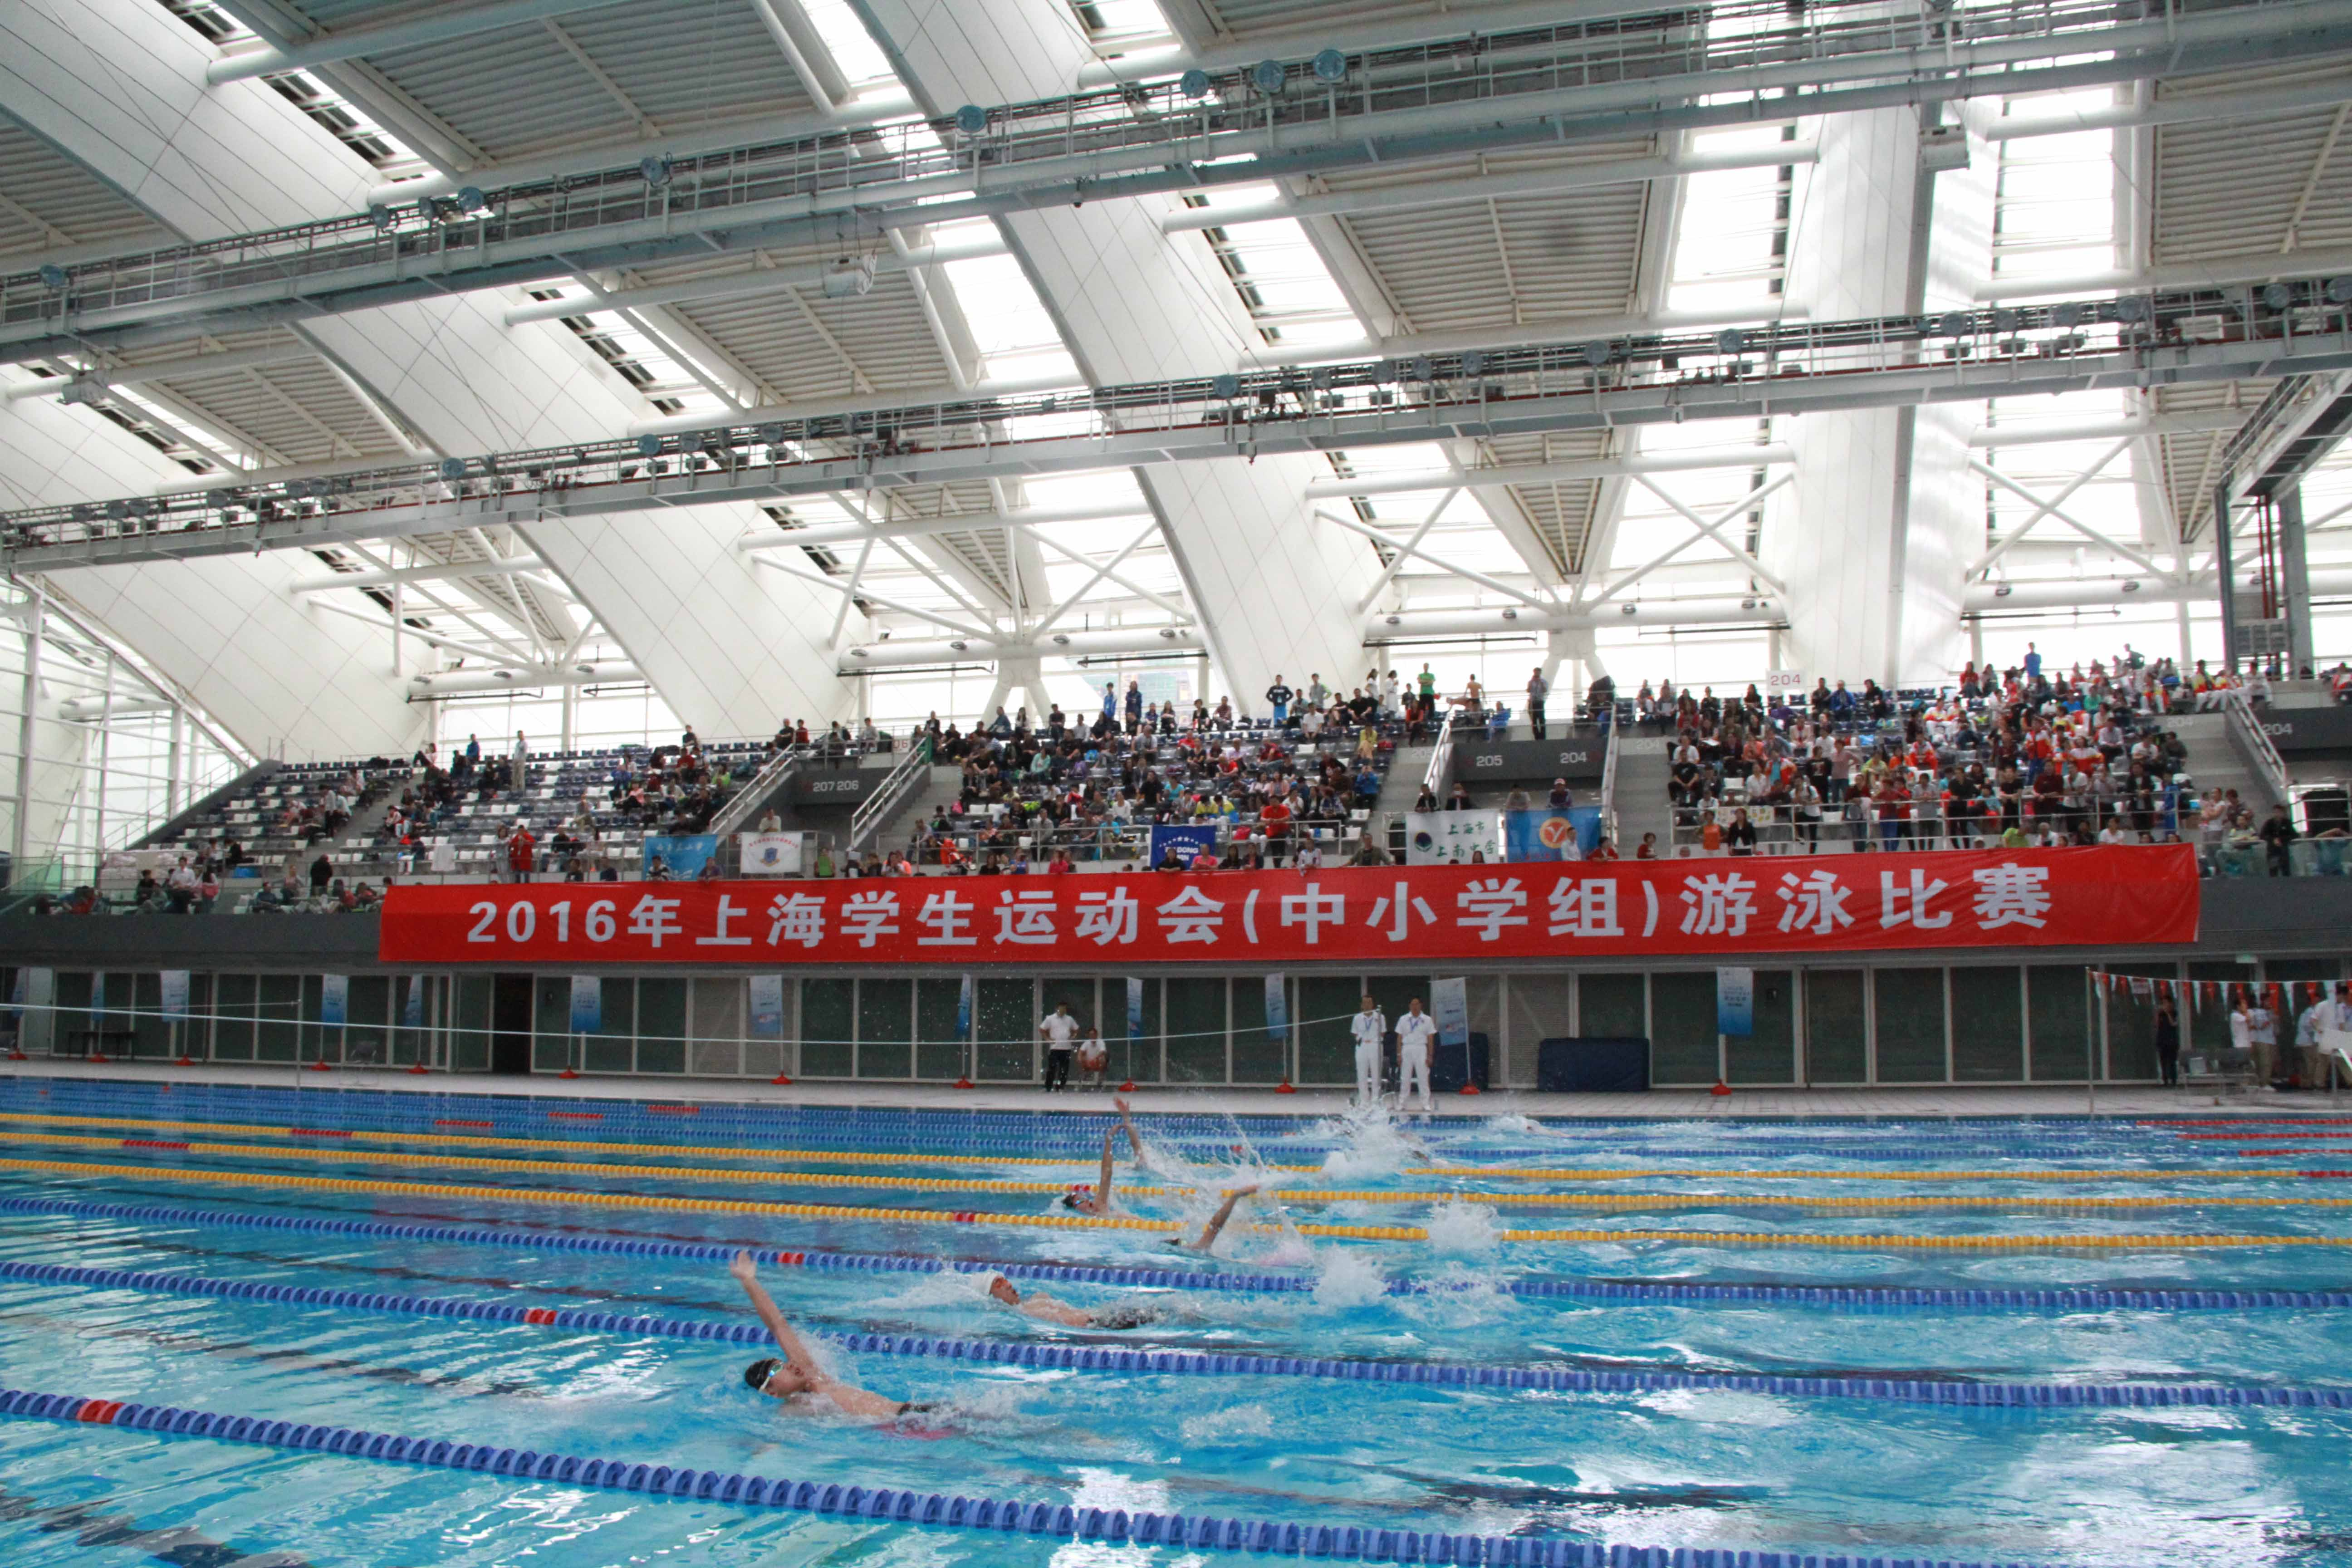 2016年上海市学生运动会游泳比赛